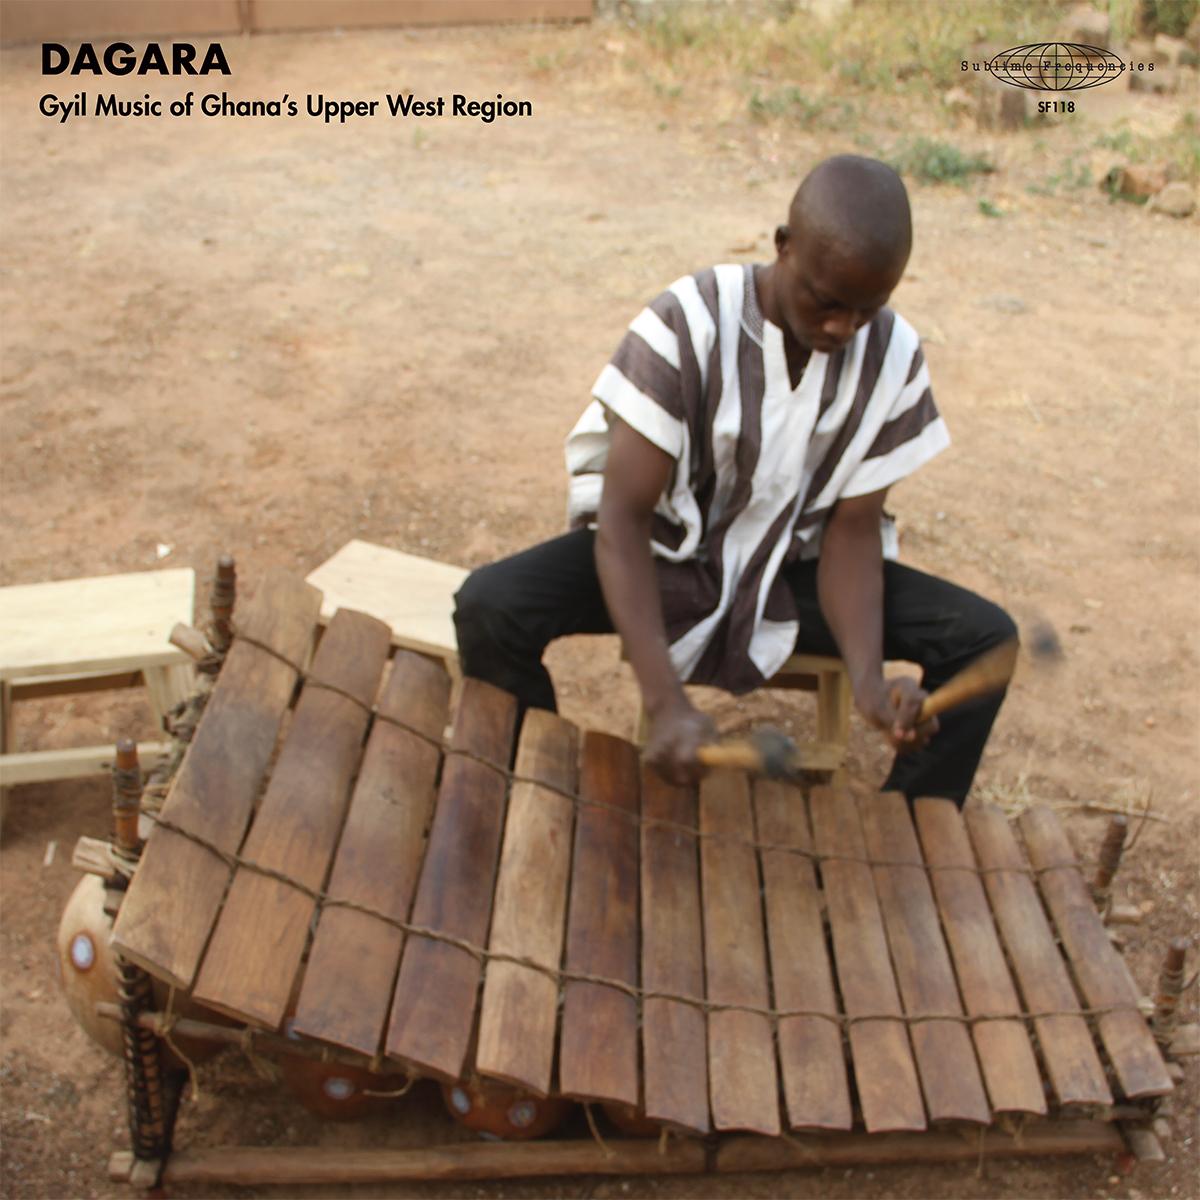 DAGARA- Gyil Music of Ghana's Upper West Region